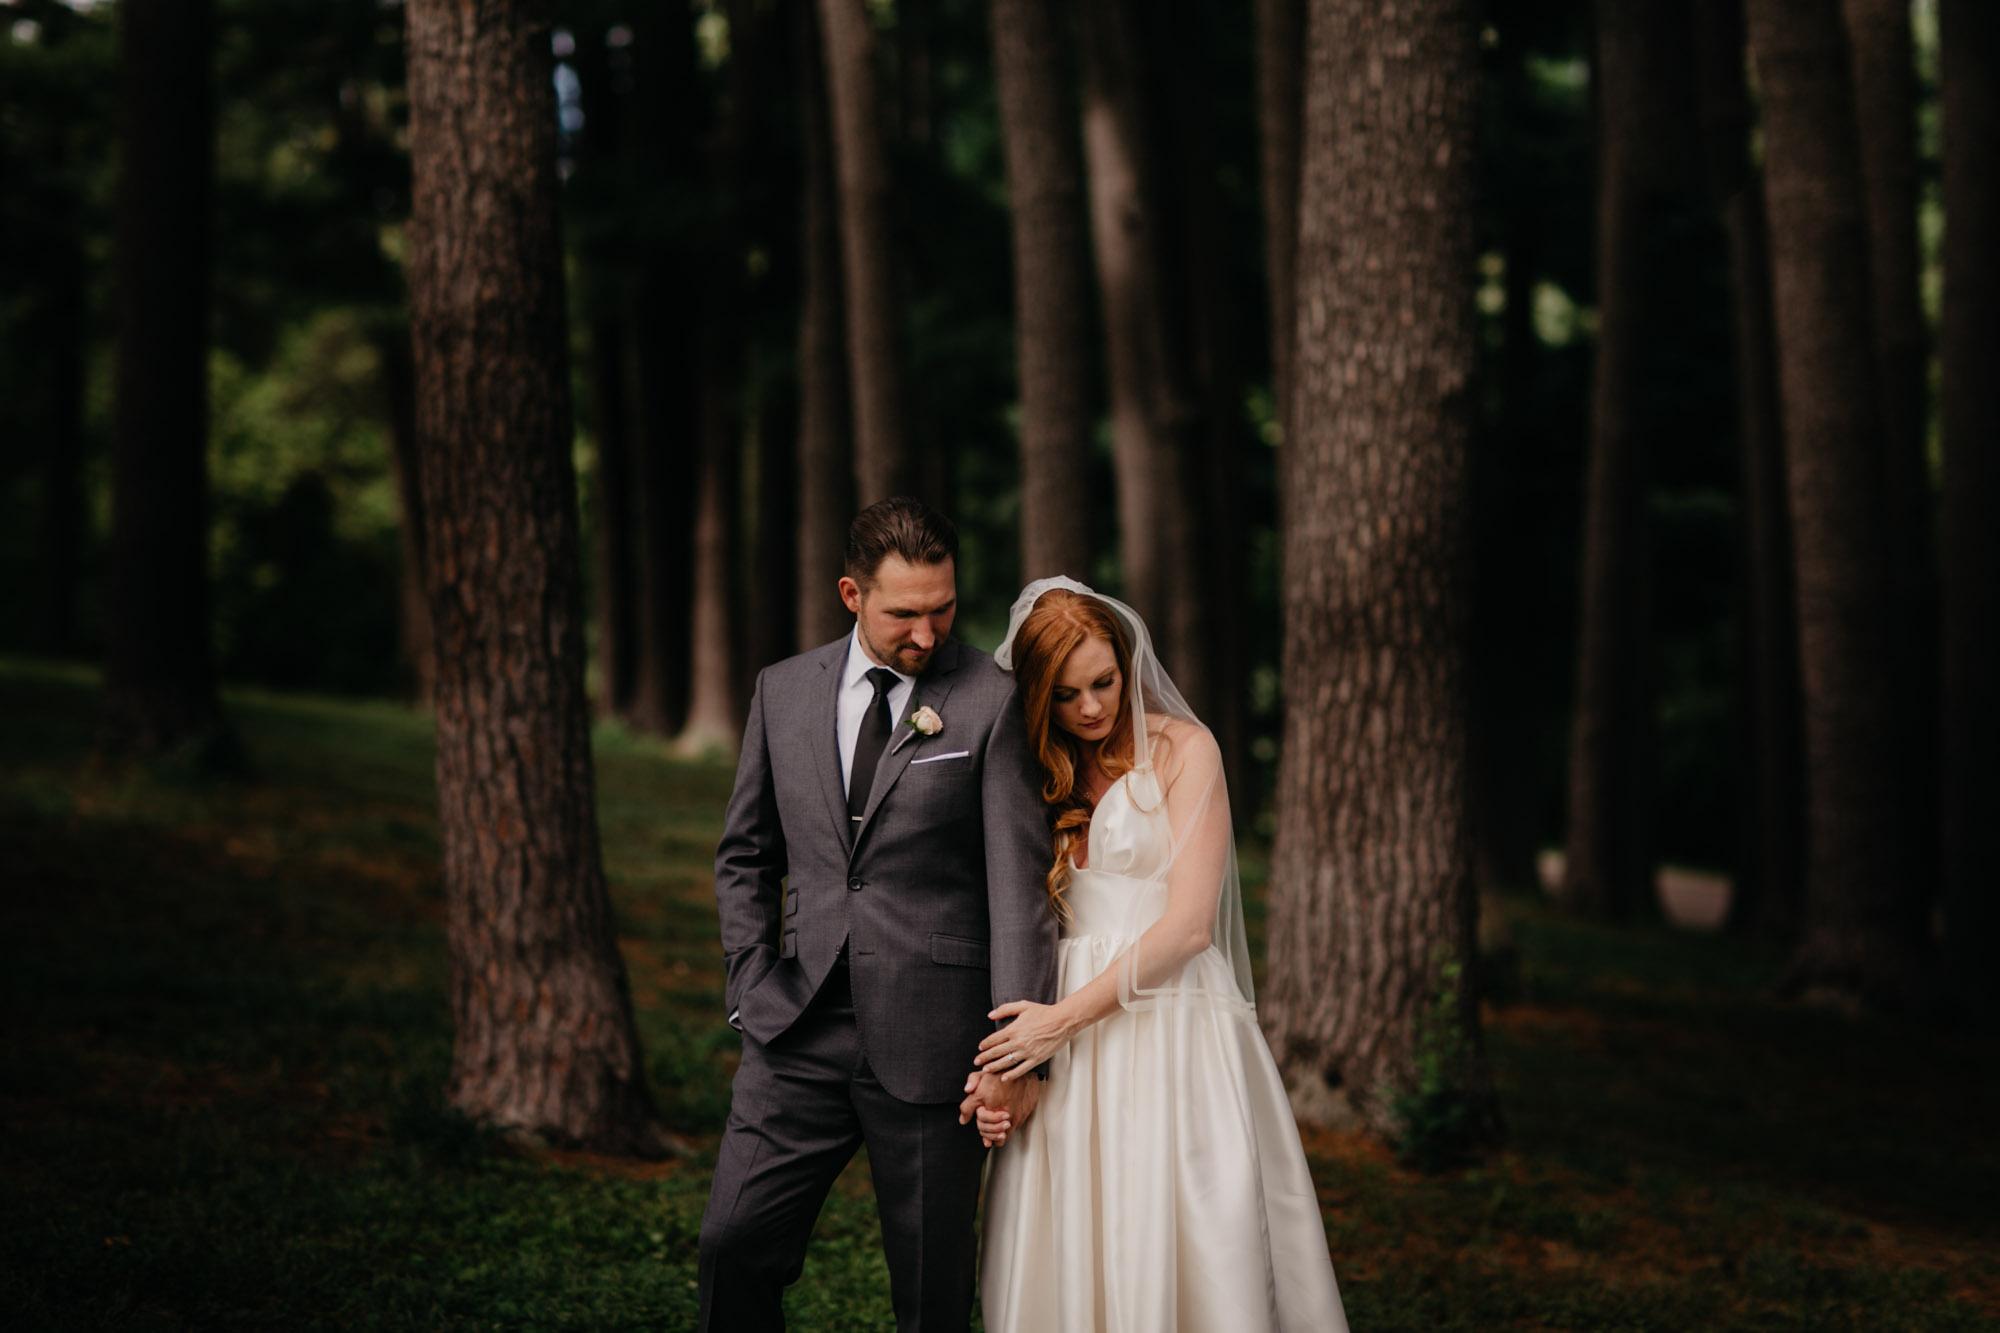 elmwood-park-wedding-photographer-nicole-jon-14.jpg